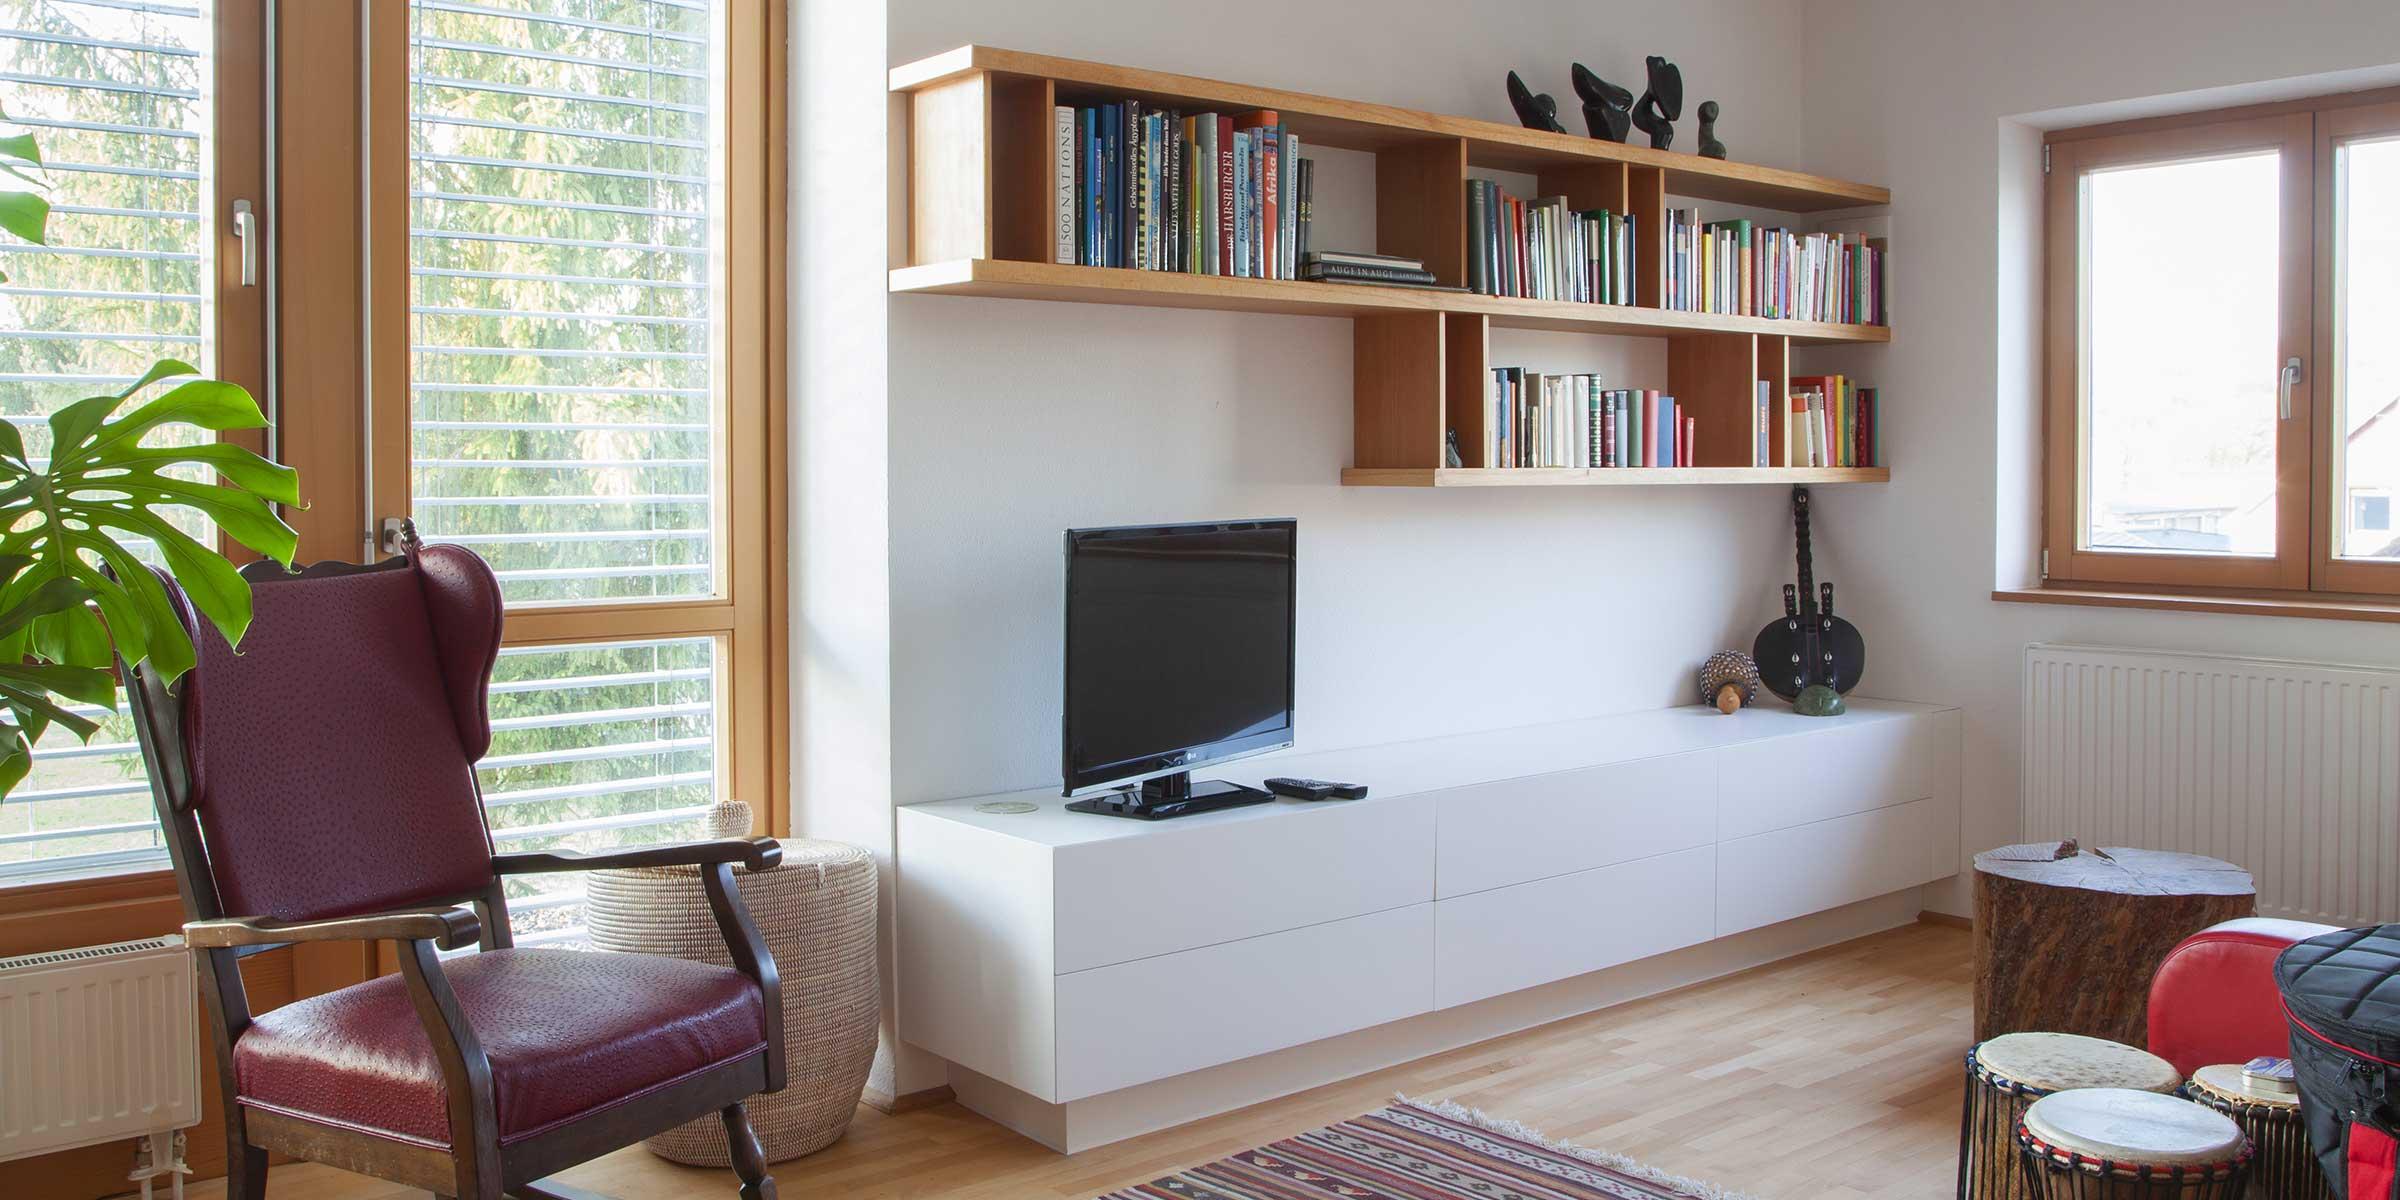 wohnzimmer_verbau_5-Sideboard - deckend weiß, mit 5 grifflosen Lade u. Klappe vor Receiver u. DVD-Player-Bücherboard in Buche geölt Hans Hummer Tischler Innenausbau